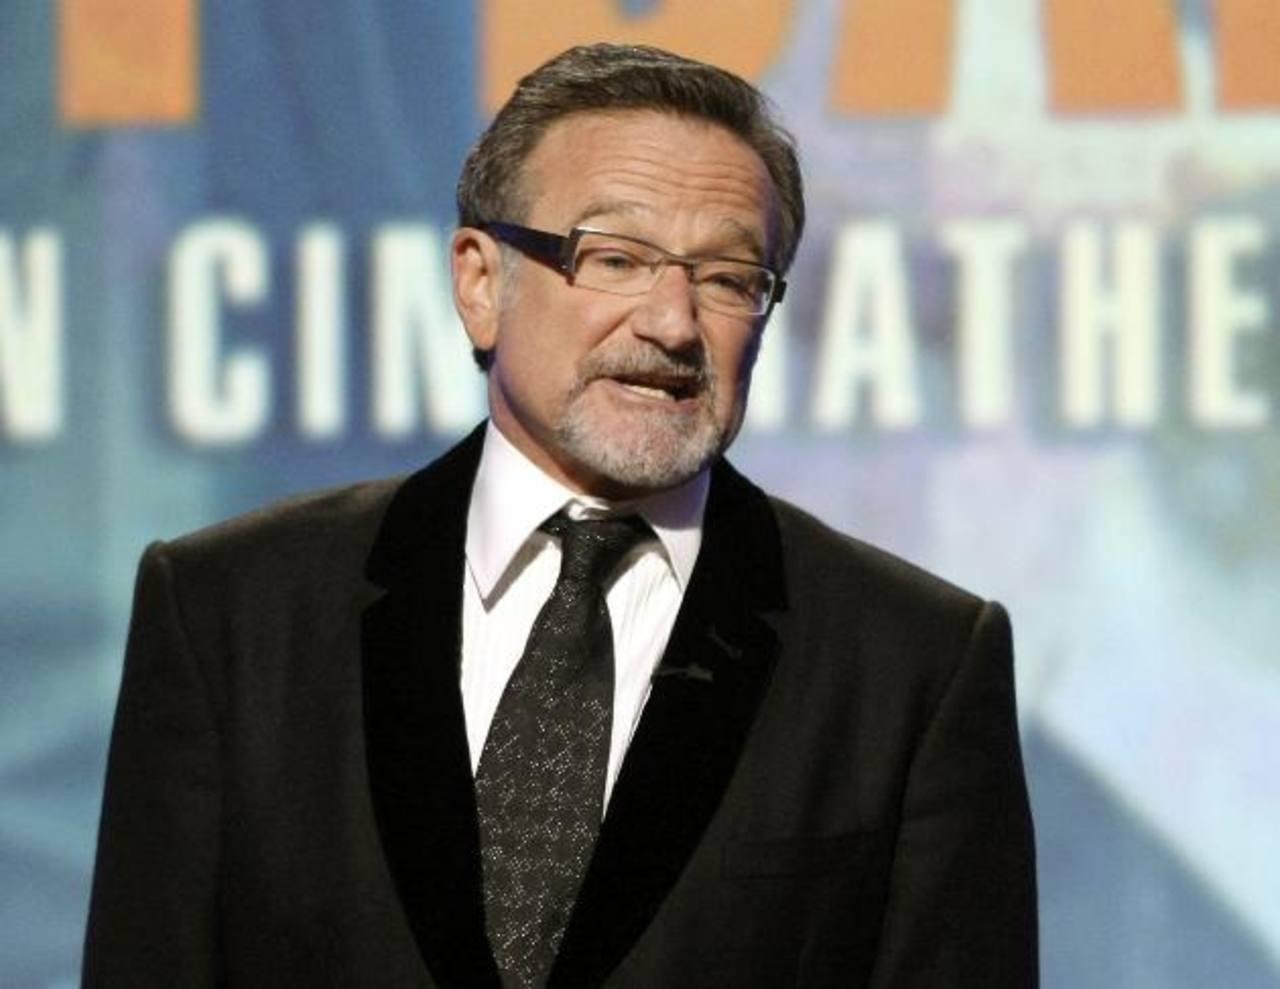 La noticia del suicidio del actor Robin Williams y sus películas más famosas fueron las informaciones más buscadas. foto